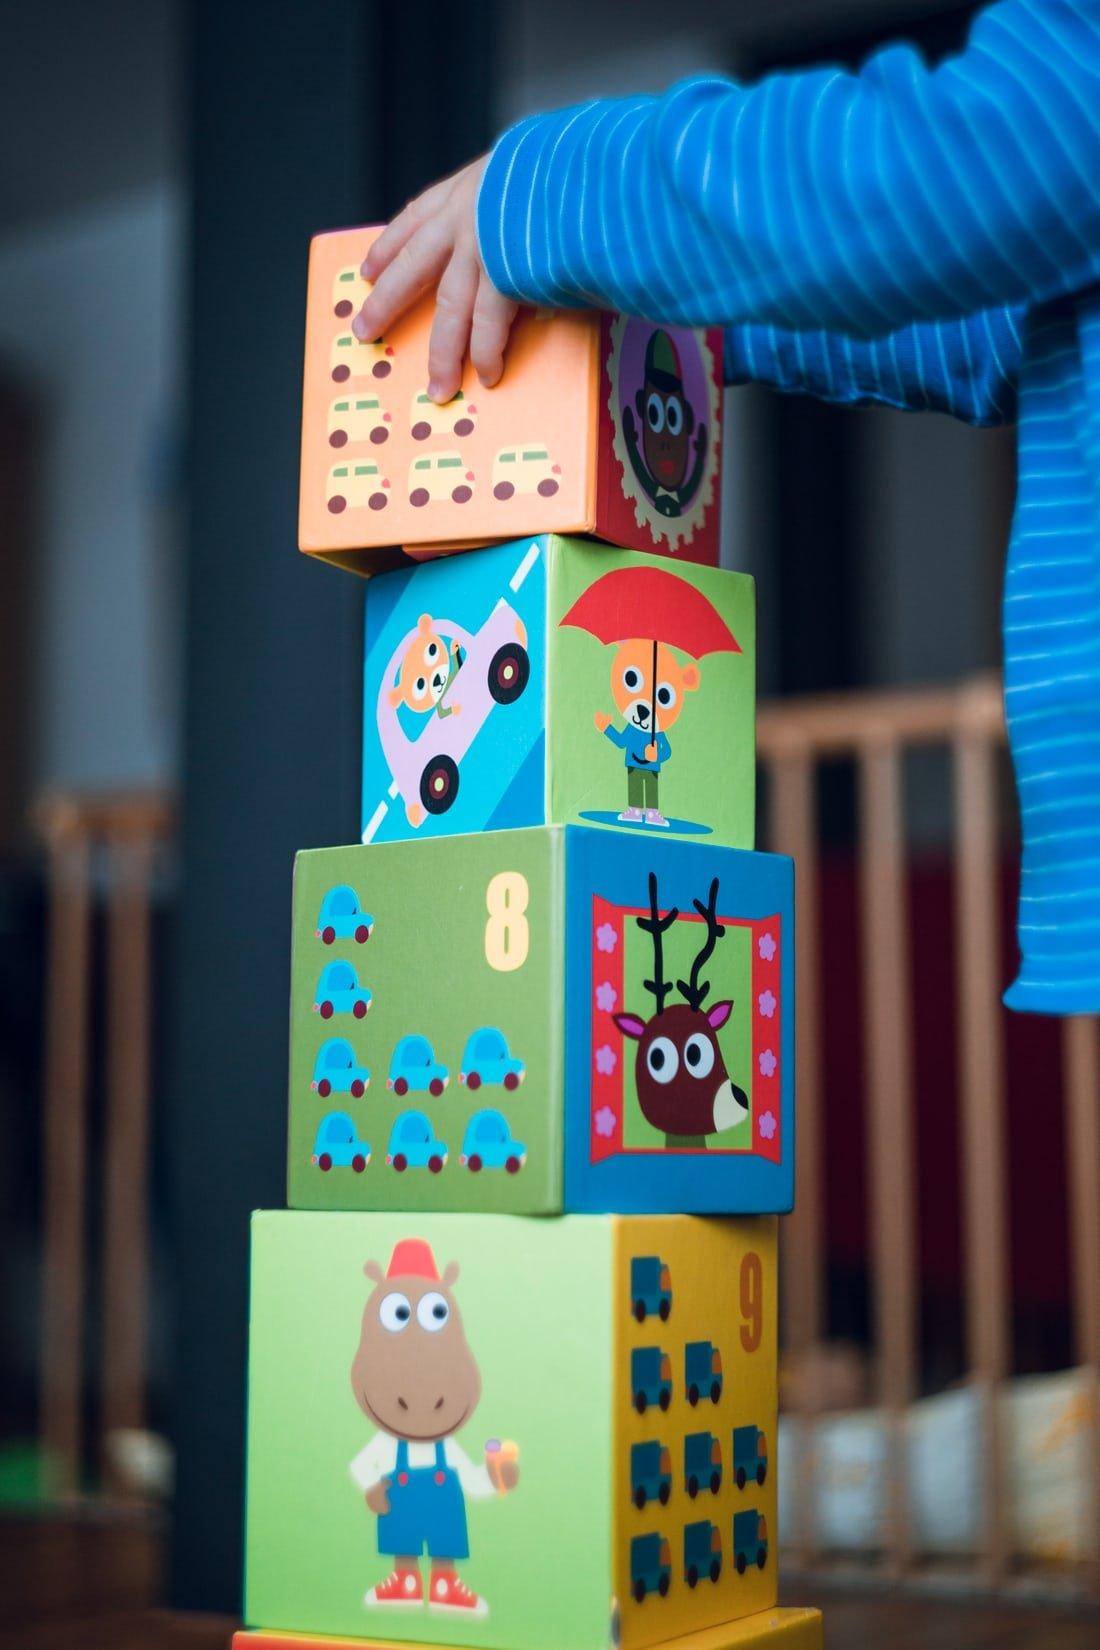 إرشاد لجلسات اللعب العلاجية (حتى 6 سنوات)